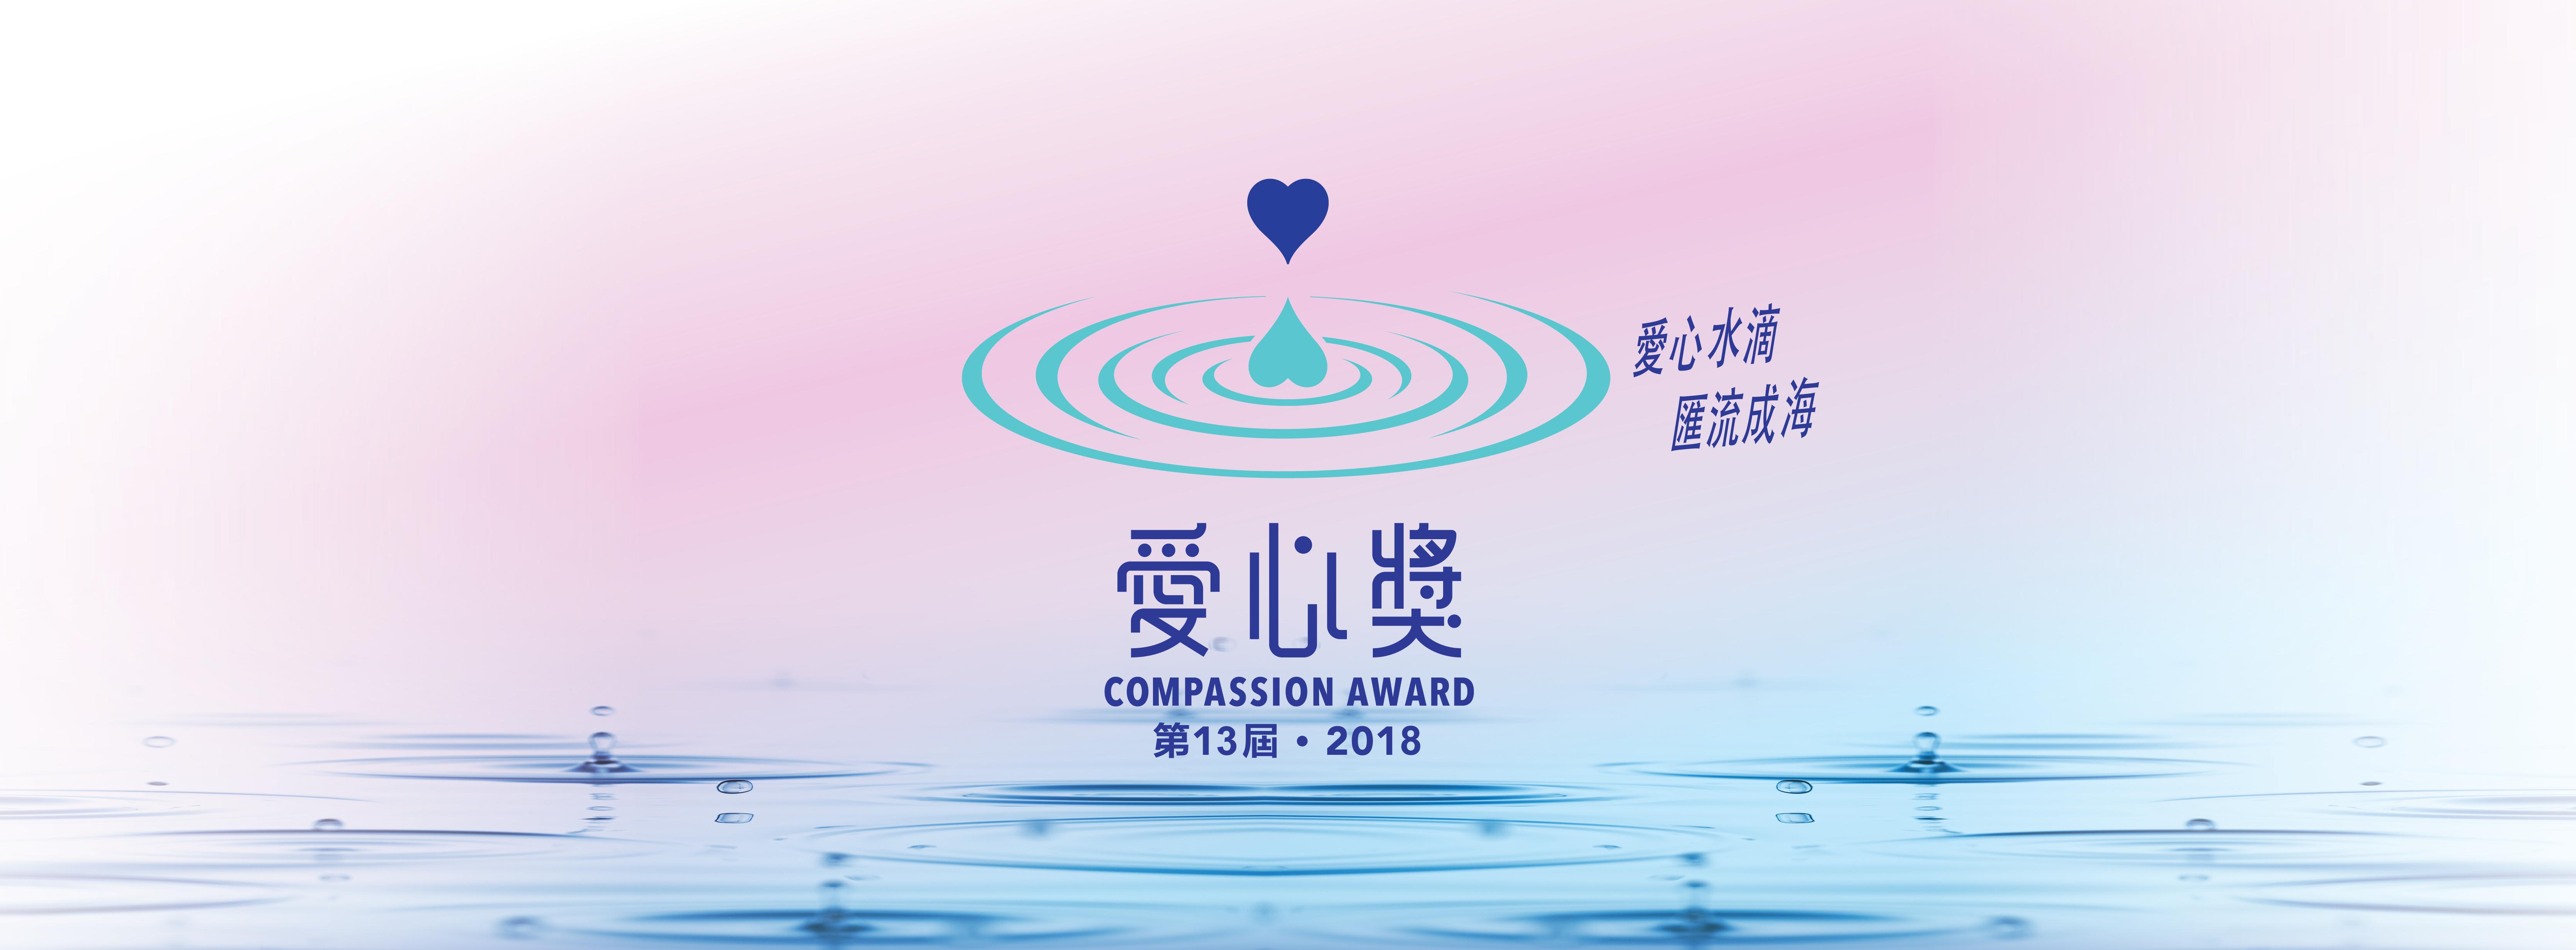 第13屆‧2018「愛心獎」七位得獎人揭曉